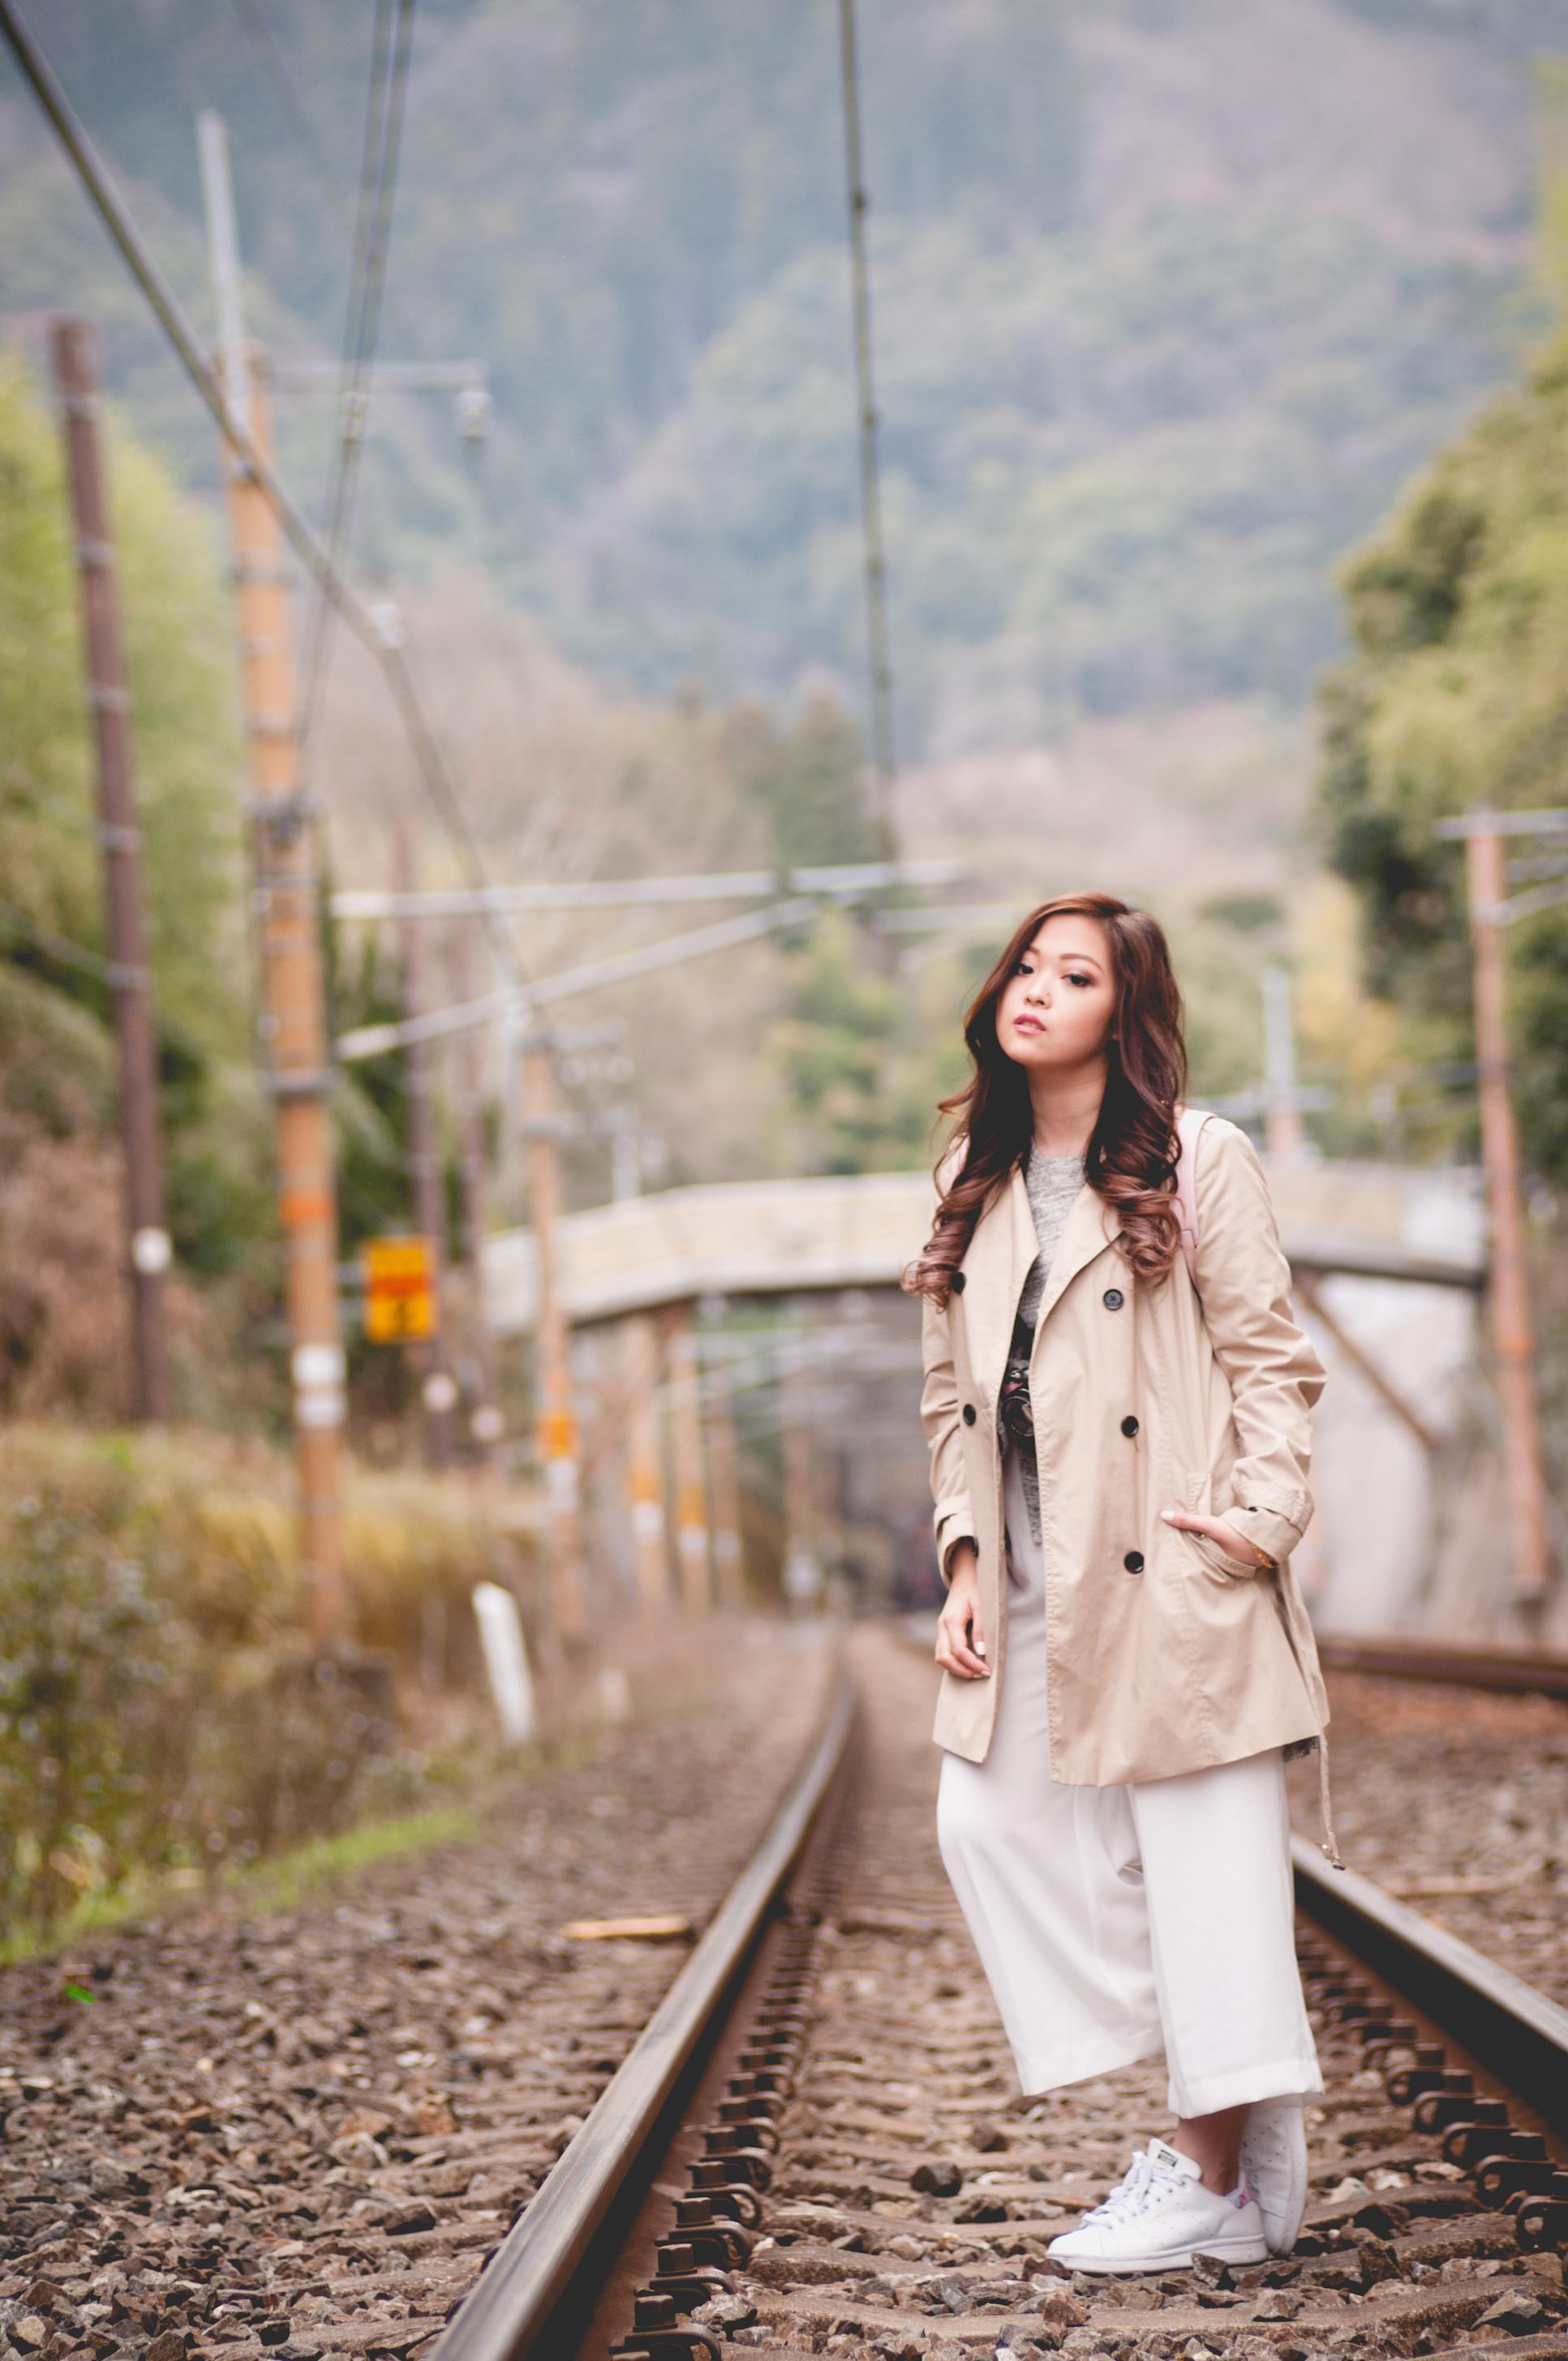 20160320-KNT_4406 copy